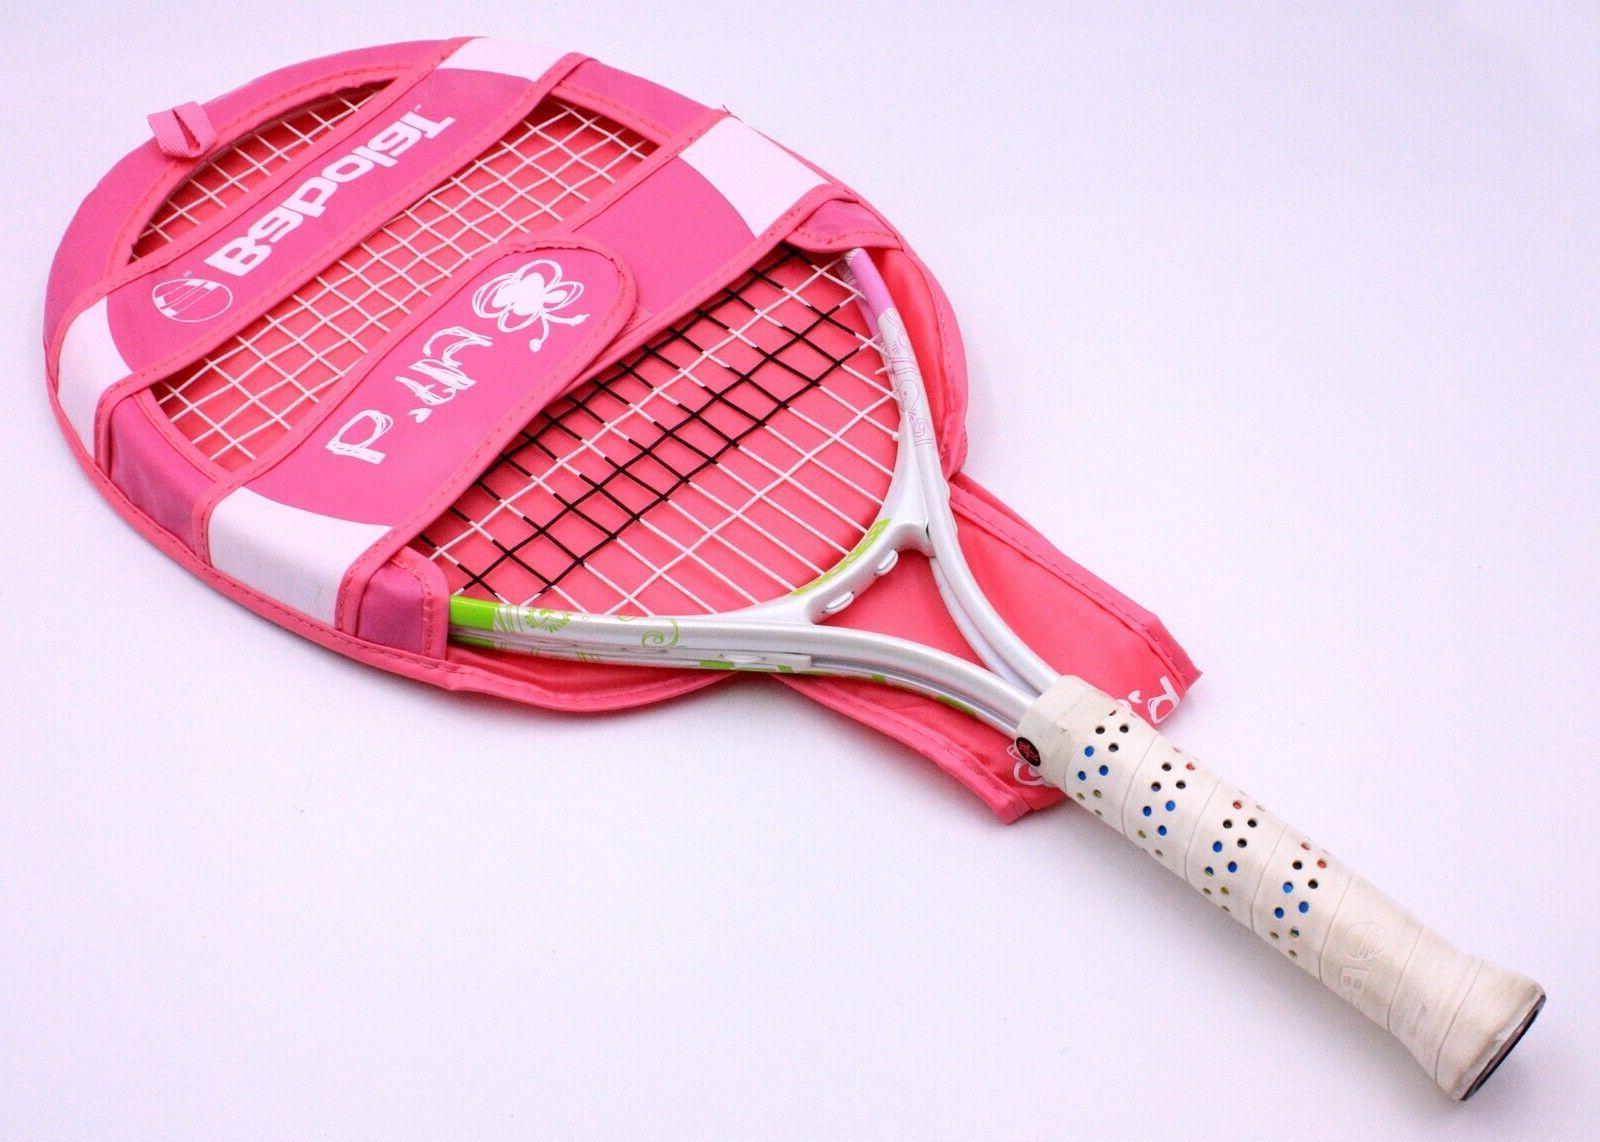 bifly 125 girls child bi fly tennis